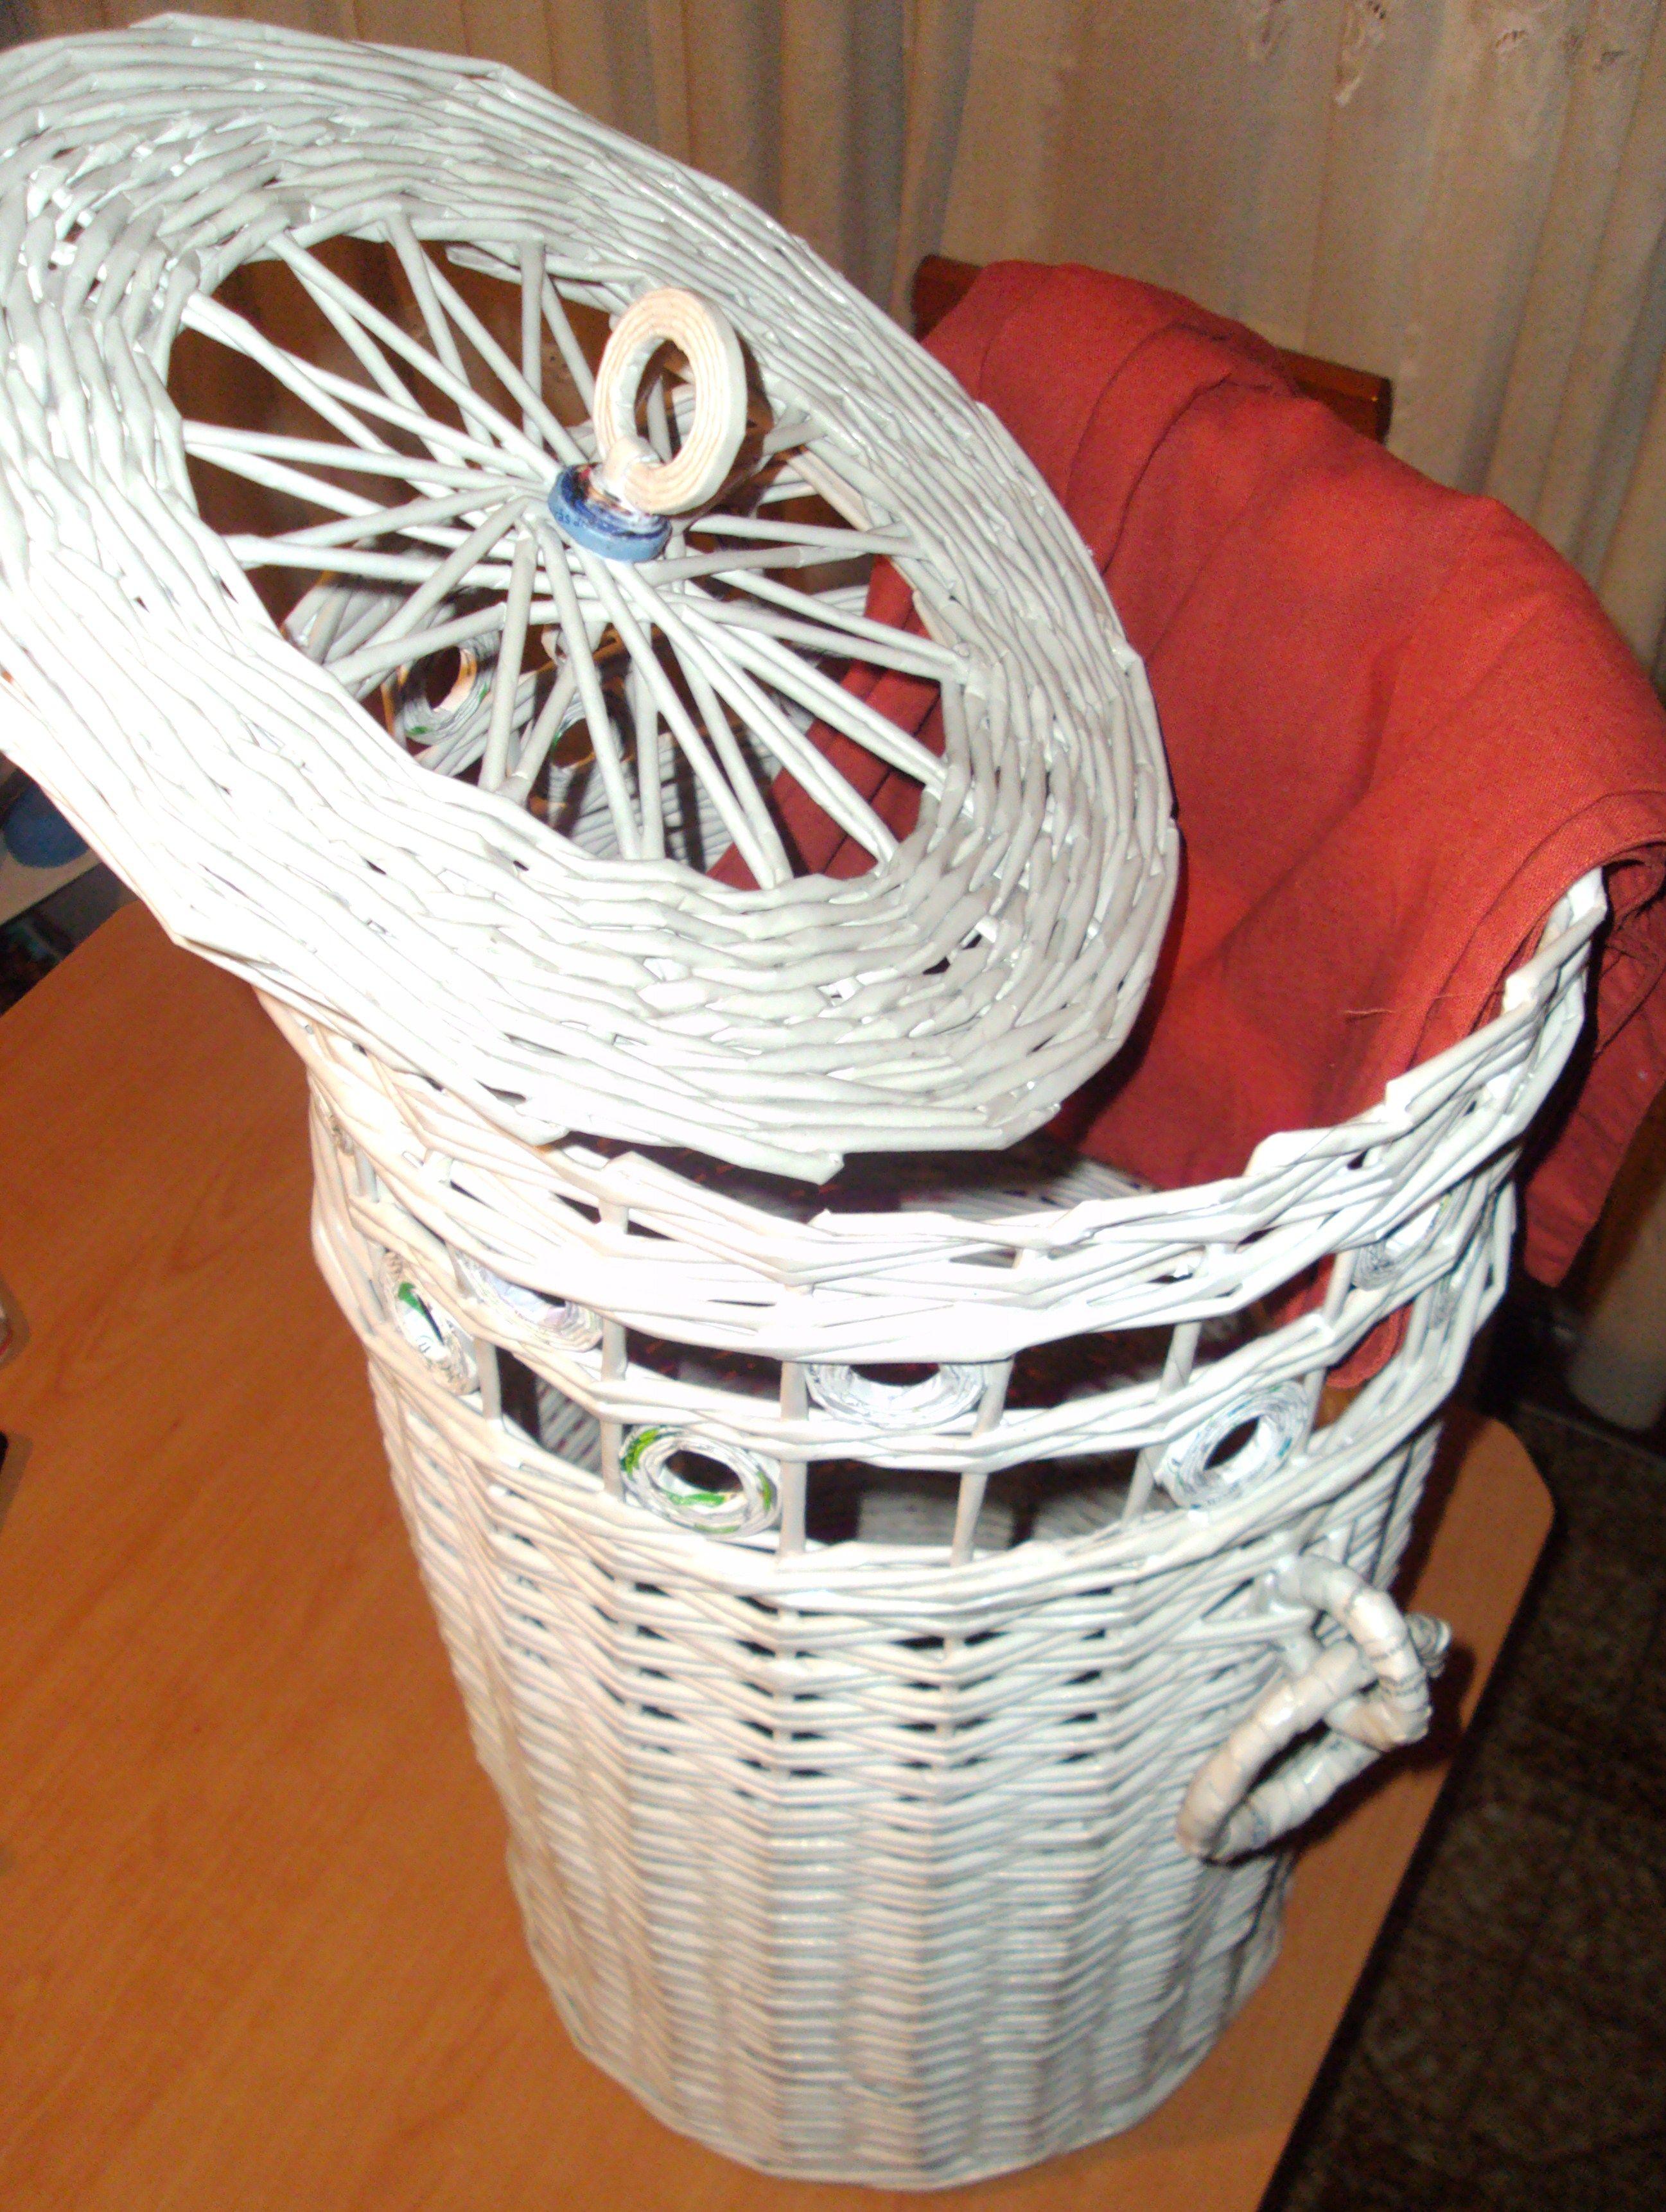 Cesta para la ropa reciclaje papel peri dico sobres de - Cesta de papel de periodico ...